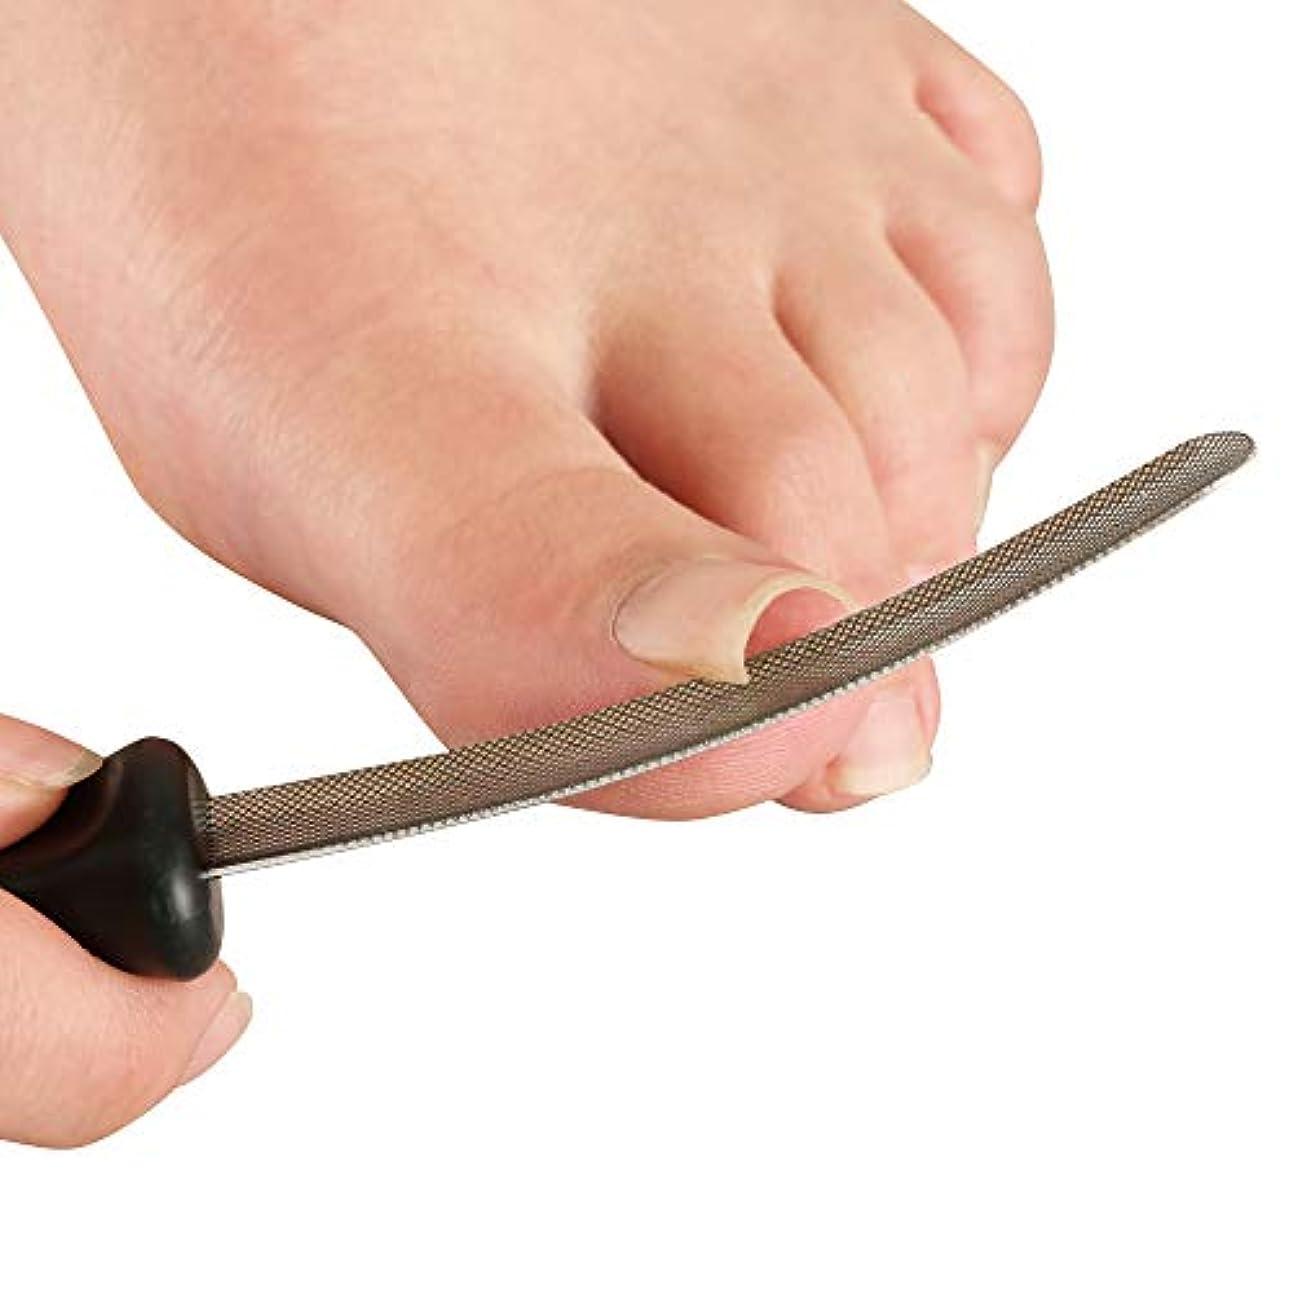 印象的なランタン価値【サイプラス】[プラスウォーク] 巻き爪すき間ヤスリ